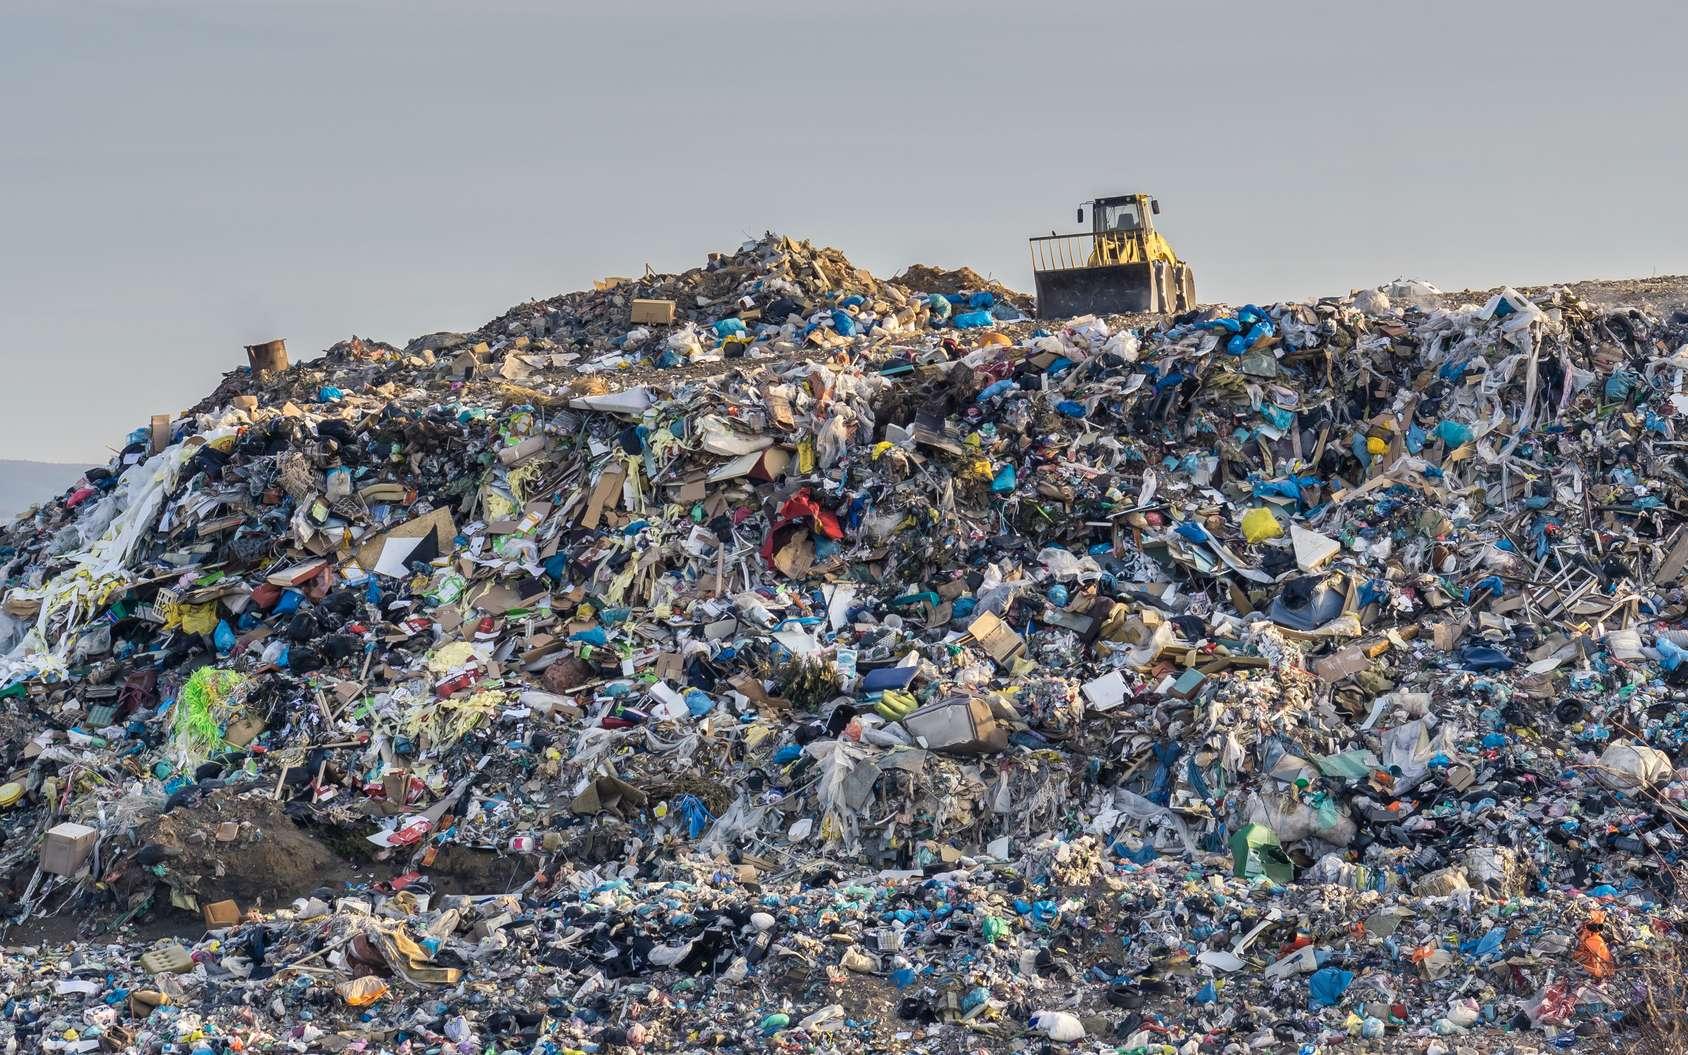 Entre 1950 et 2017, l'humanité a fabriqué plus de huit milliards de tonnes de matière plastique. Pour l'essentiel, ces polymères stables se retrouvent sous forme de minuscules fragments dans l'océan mondial. Ils y resteront de nombreux millénaires. © vchalup, Fotolia